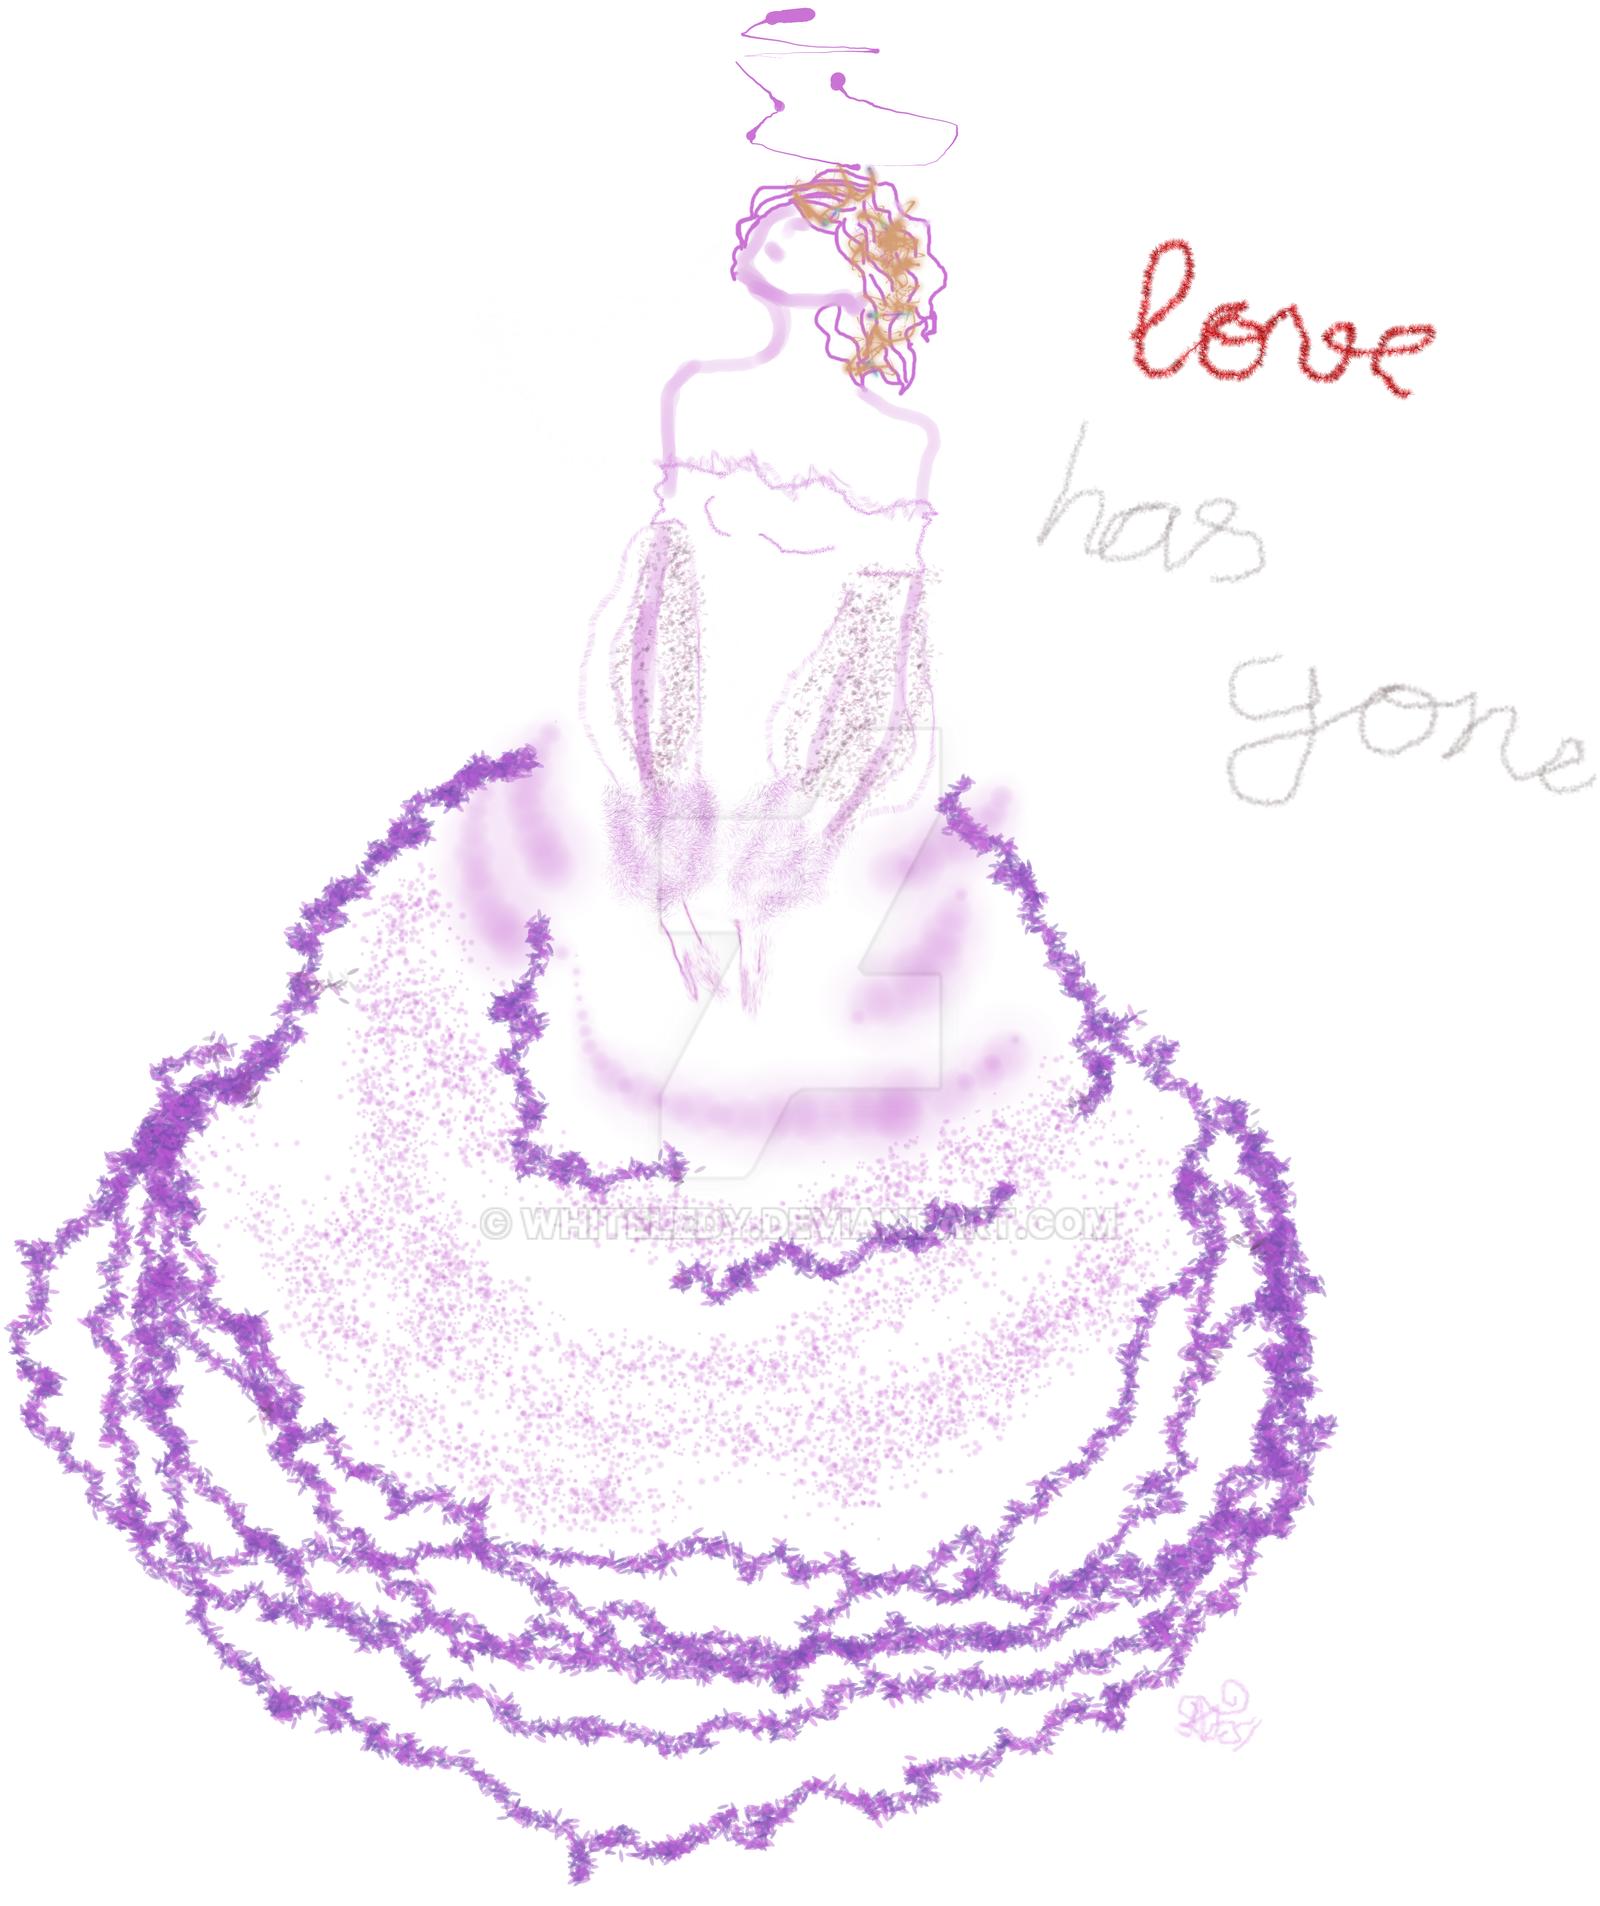 Lovehasgone by WhiteLedy